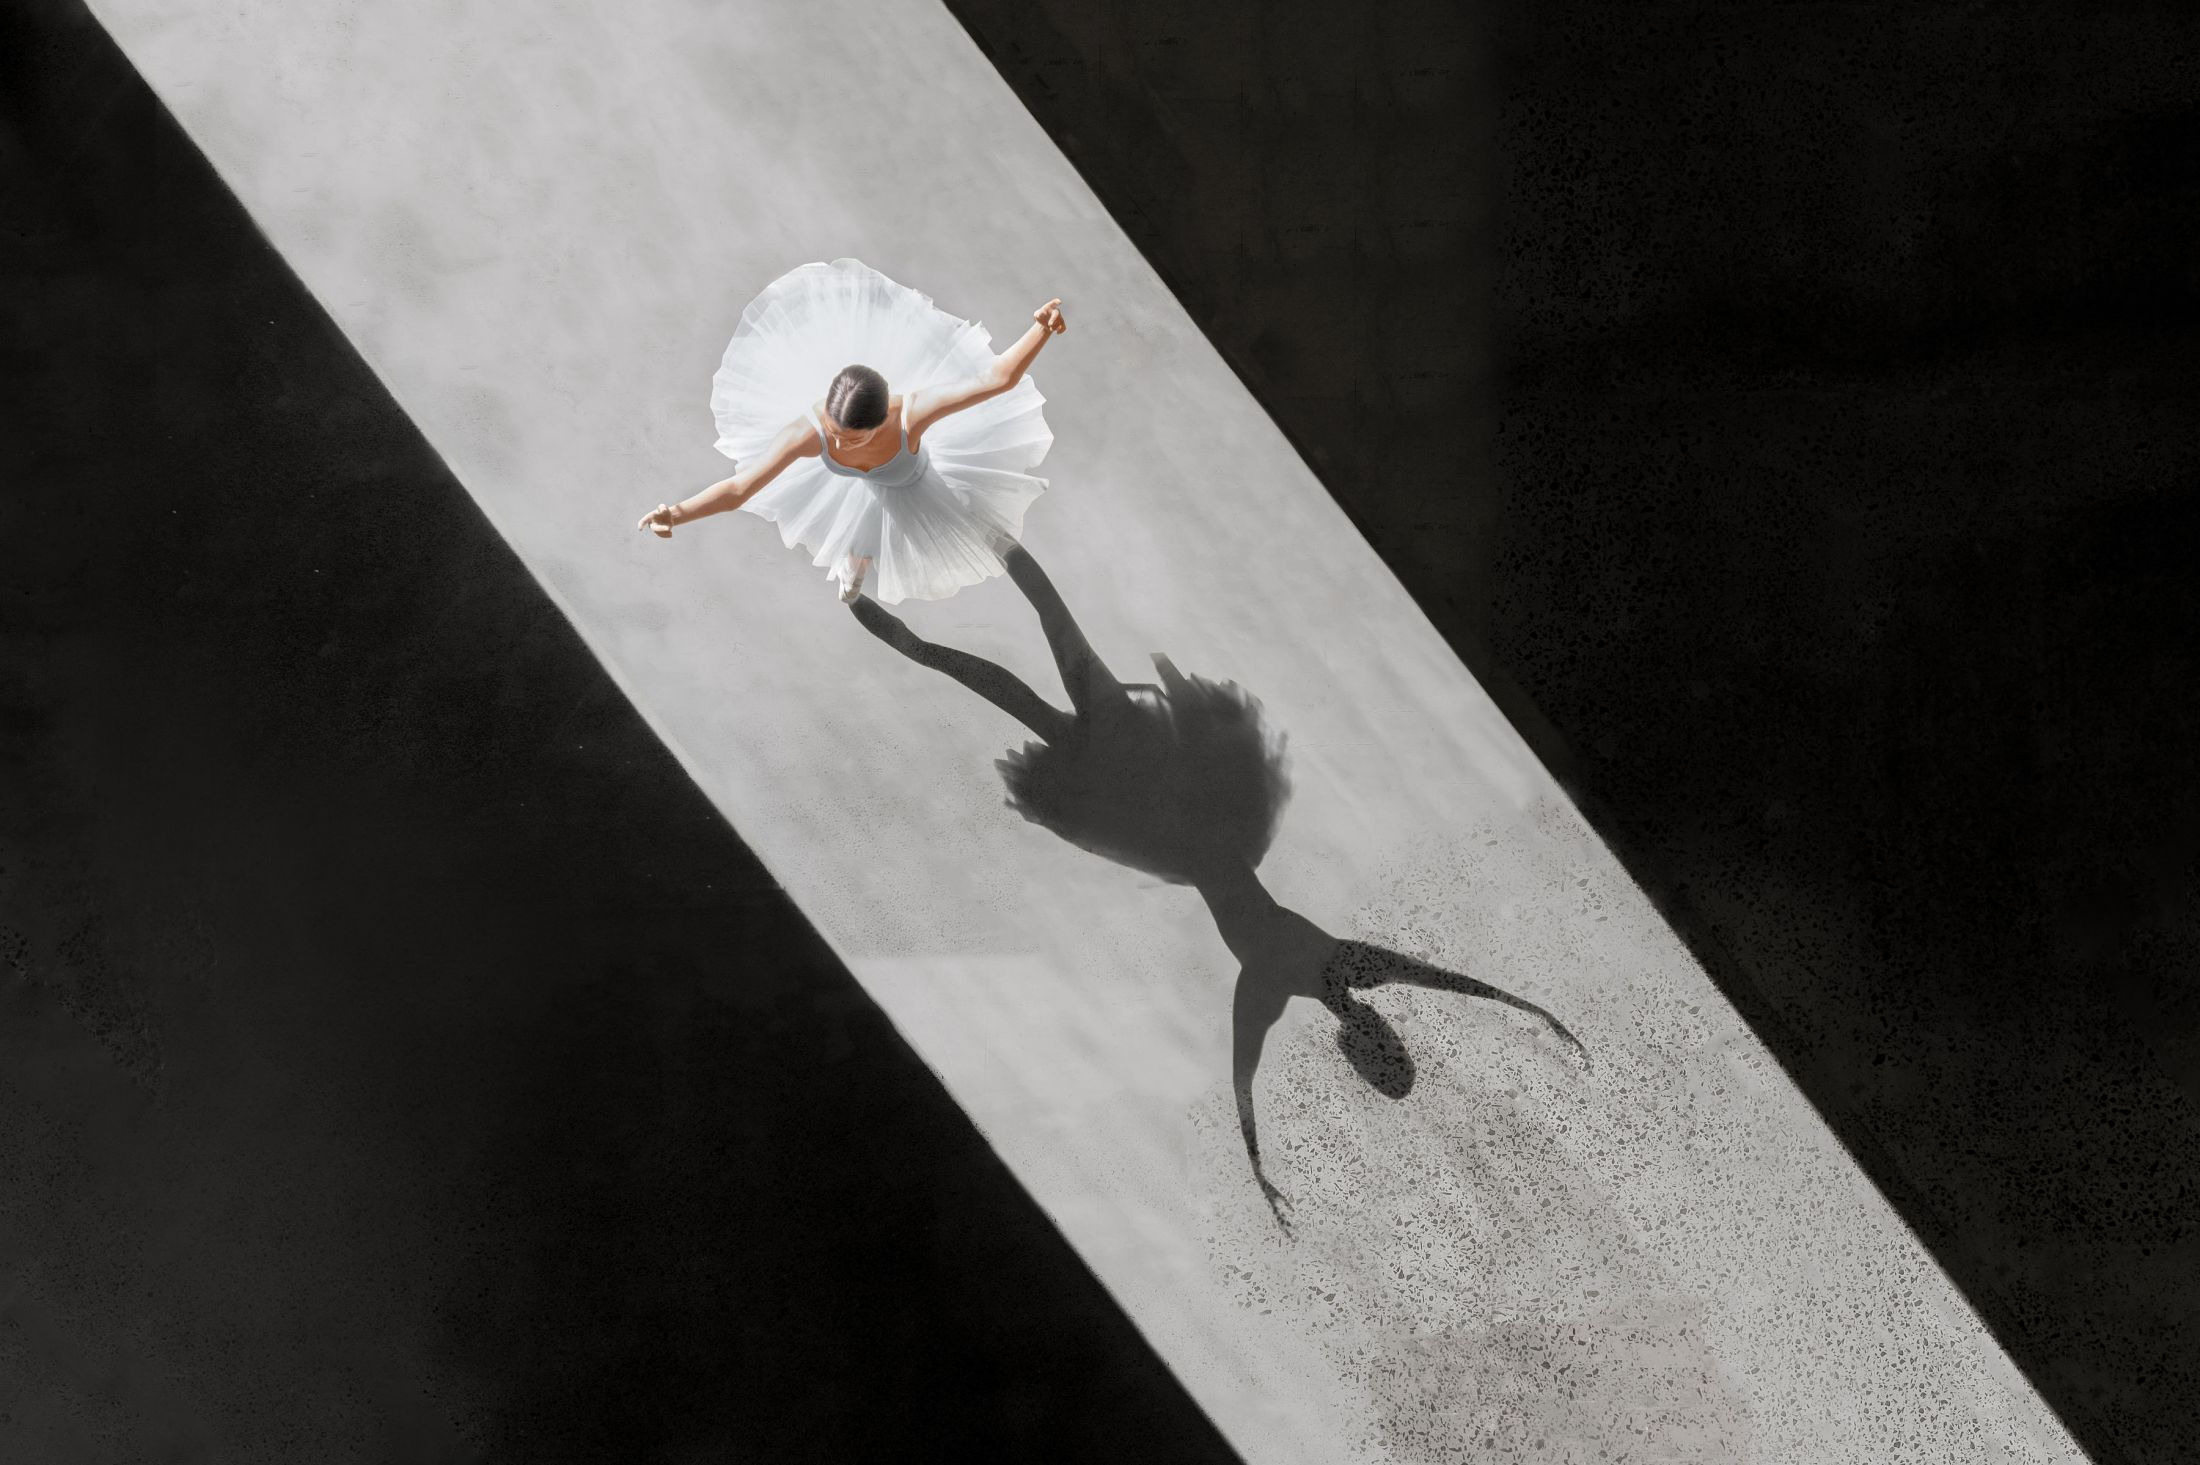 Ángulo cenital, fotografía aérea de una bailarina.